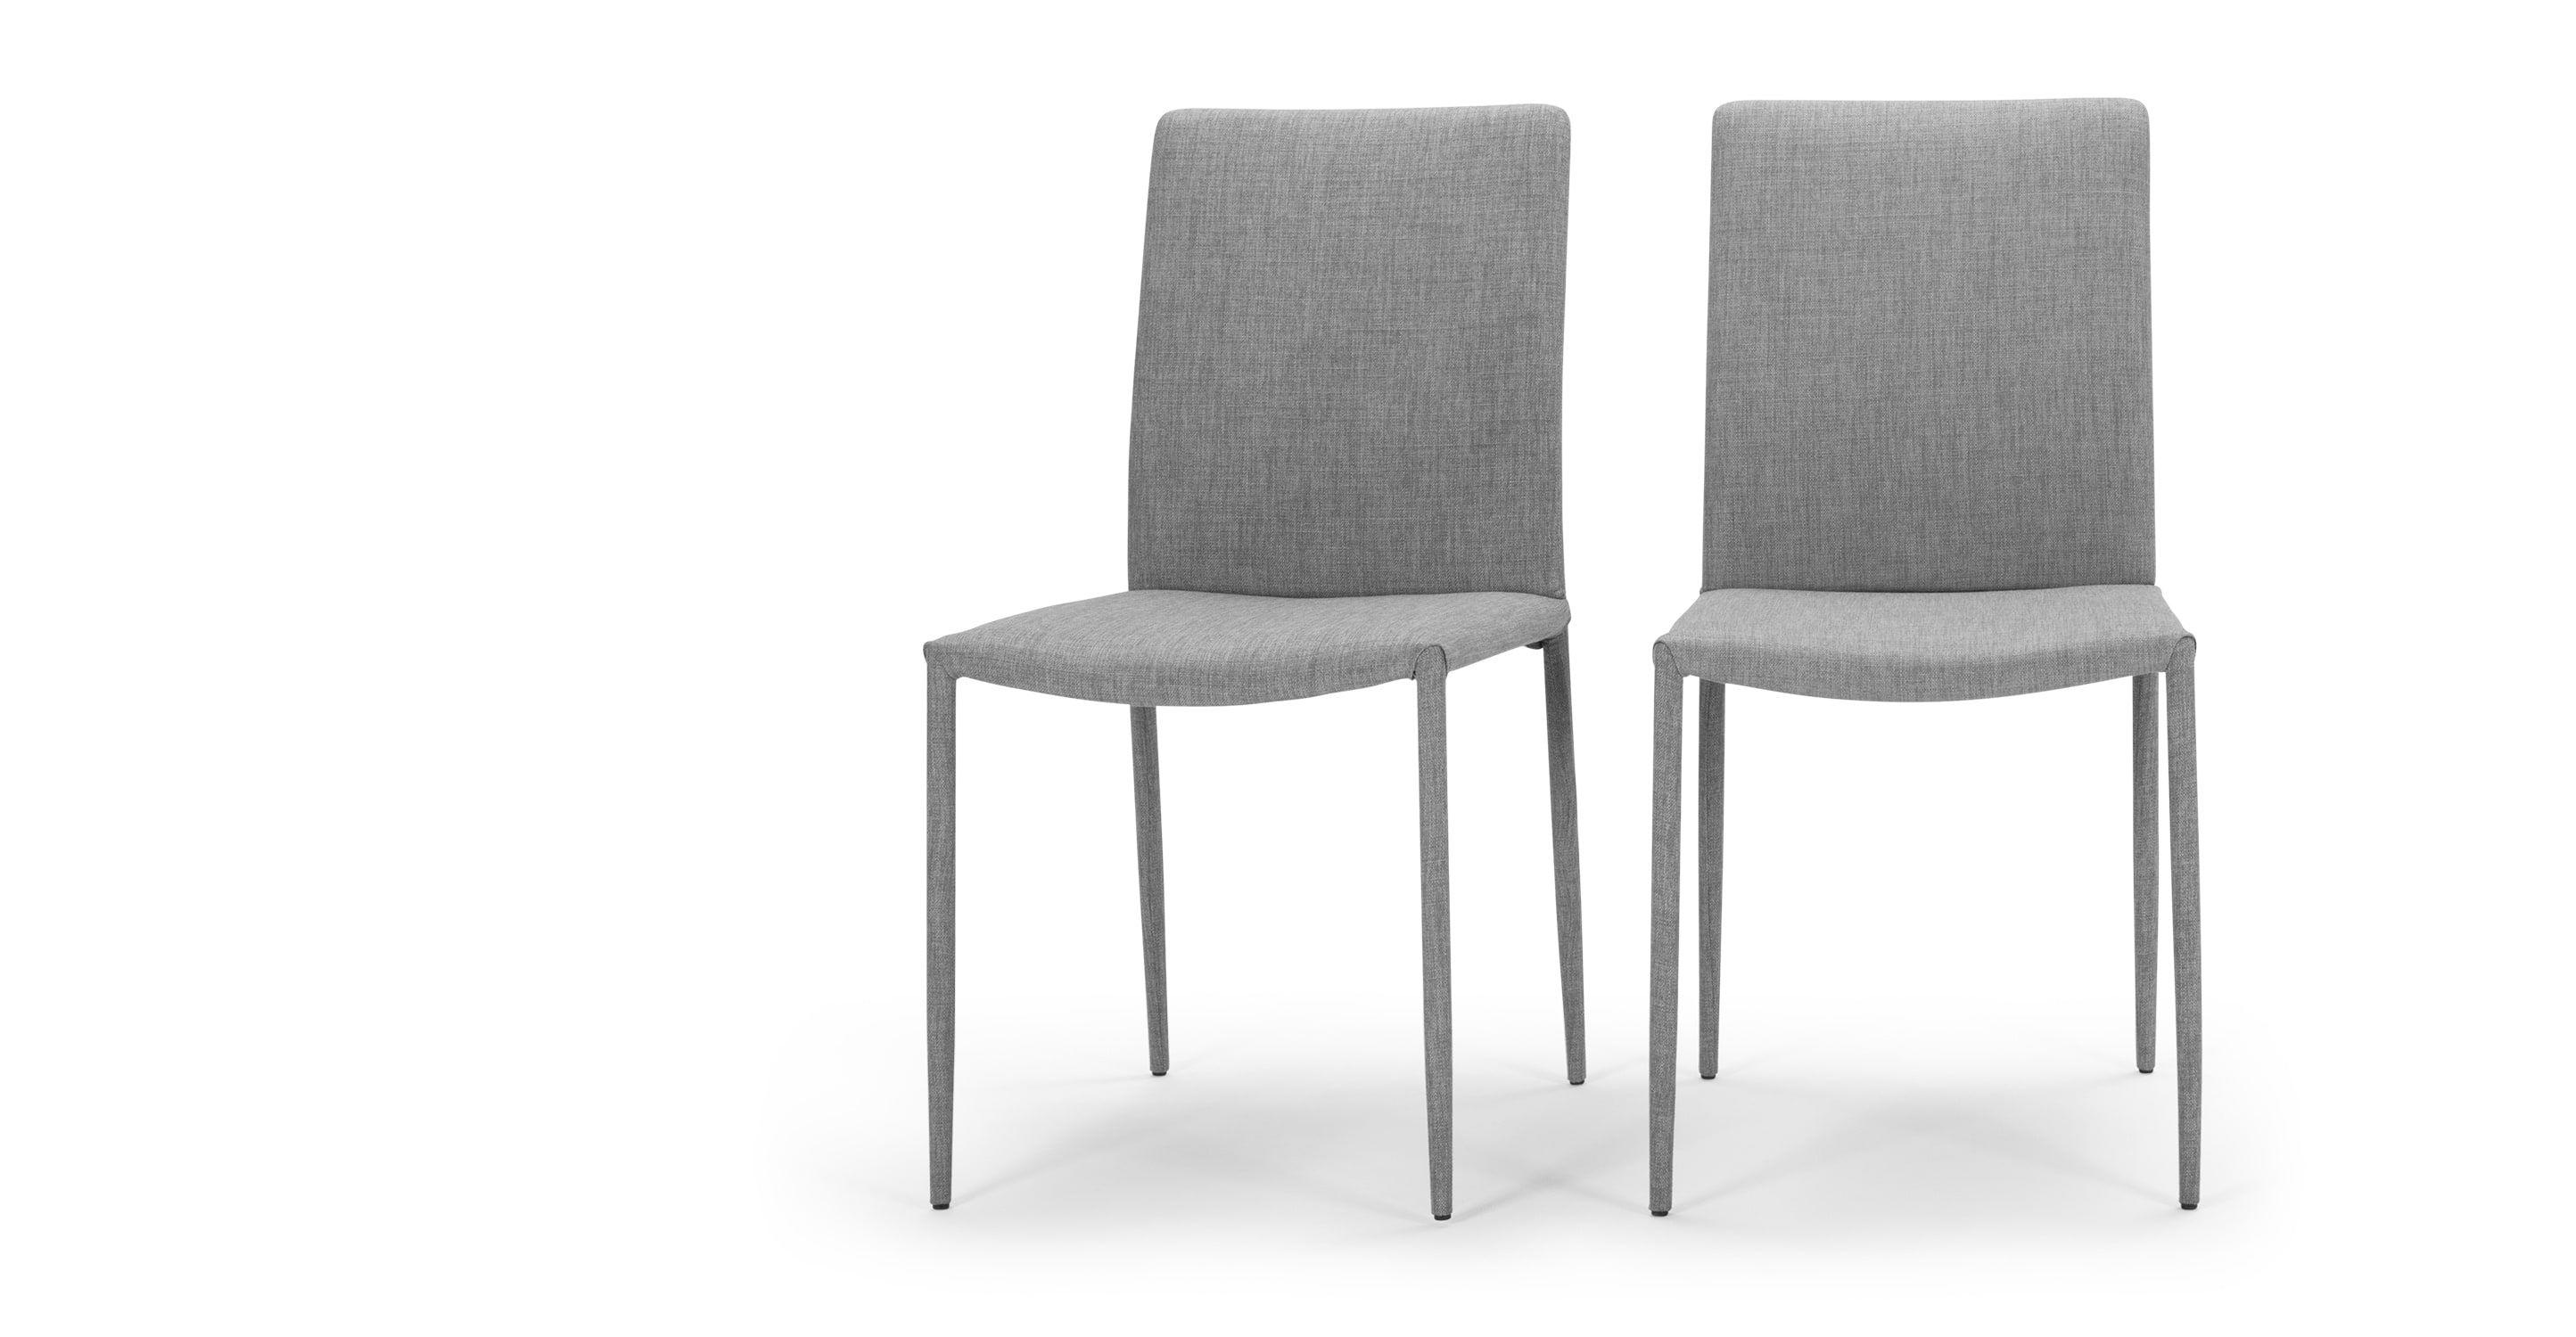 Made Esszimmerstuhl Grau Esszimmerstuhle Stuhle Und Speisezimmer